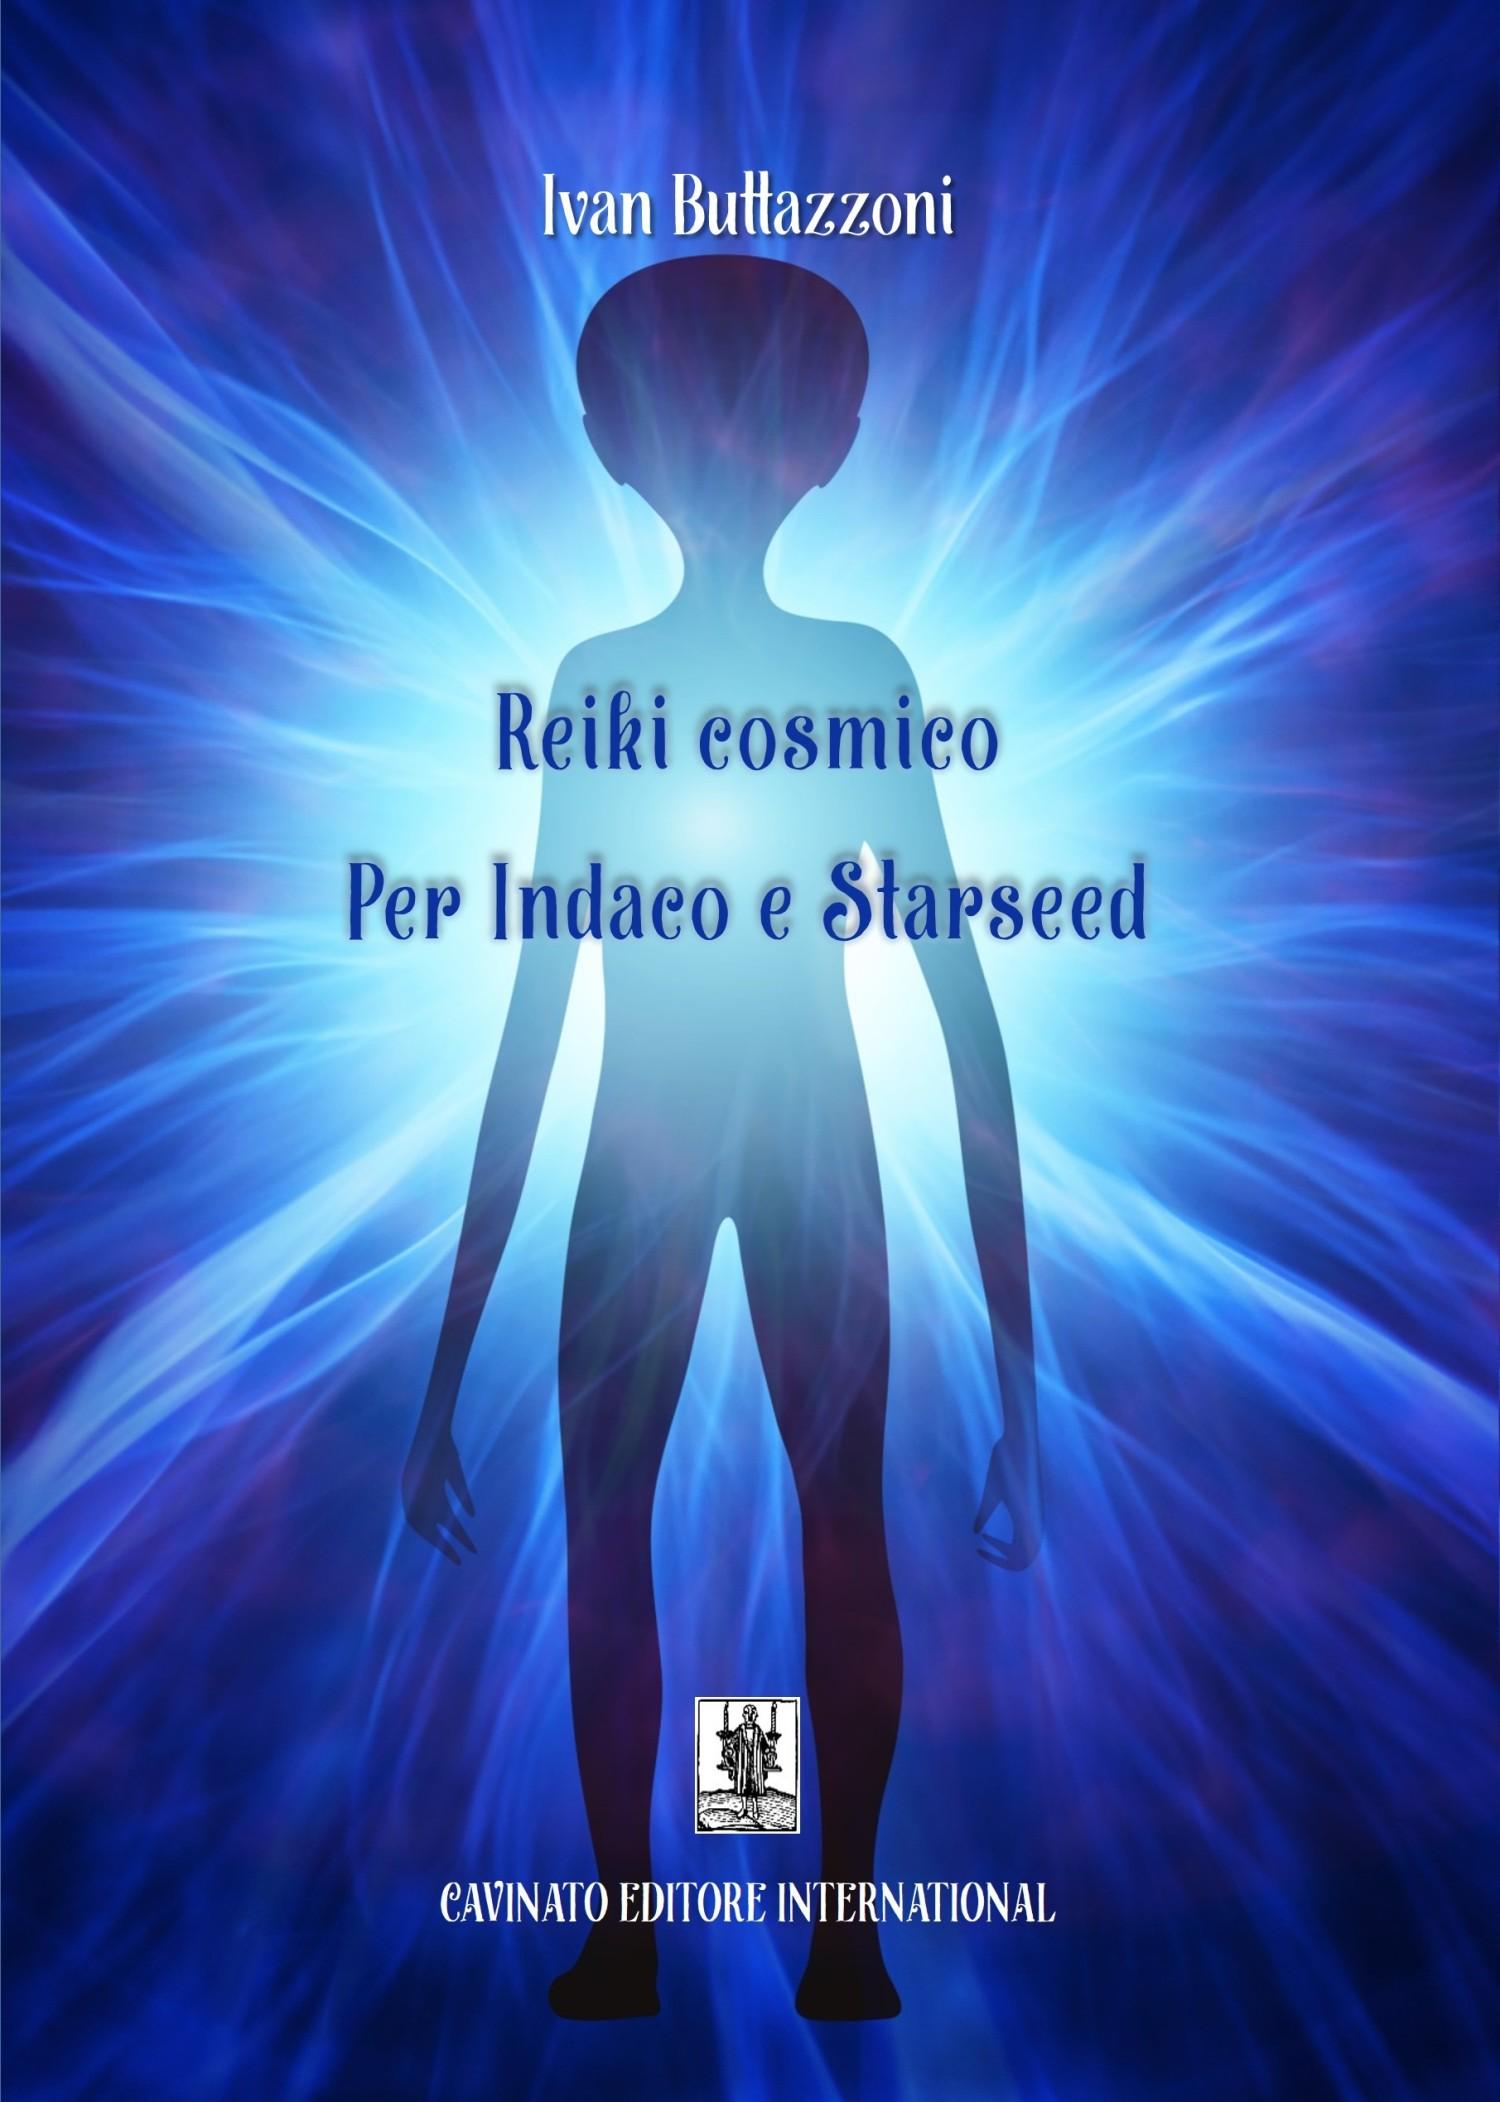 REIKI COSMICO PER INDACO E STARSEED